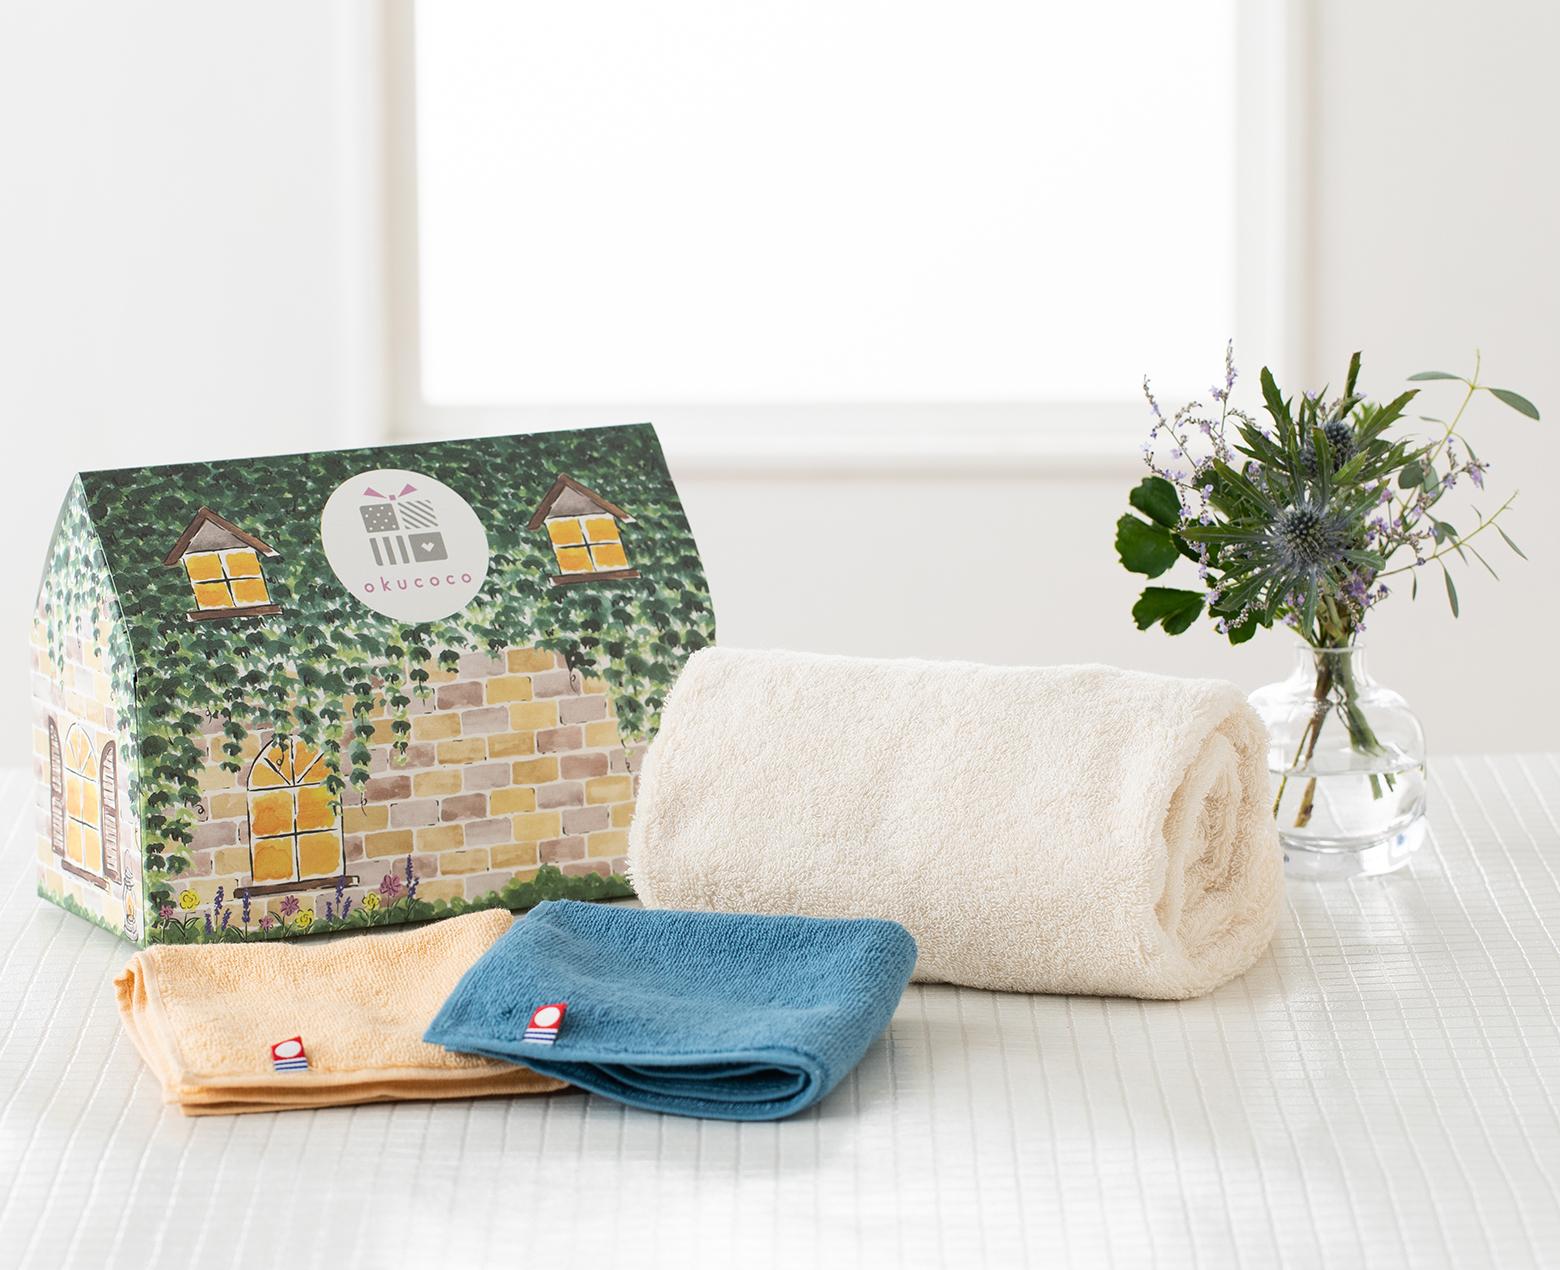 ARオリジナルメッセージと良質なタオルをセットで贈れる!okucoco「今治フェイスタオル&ハンドタオルセット」が発売